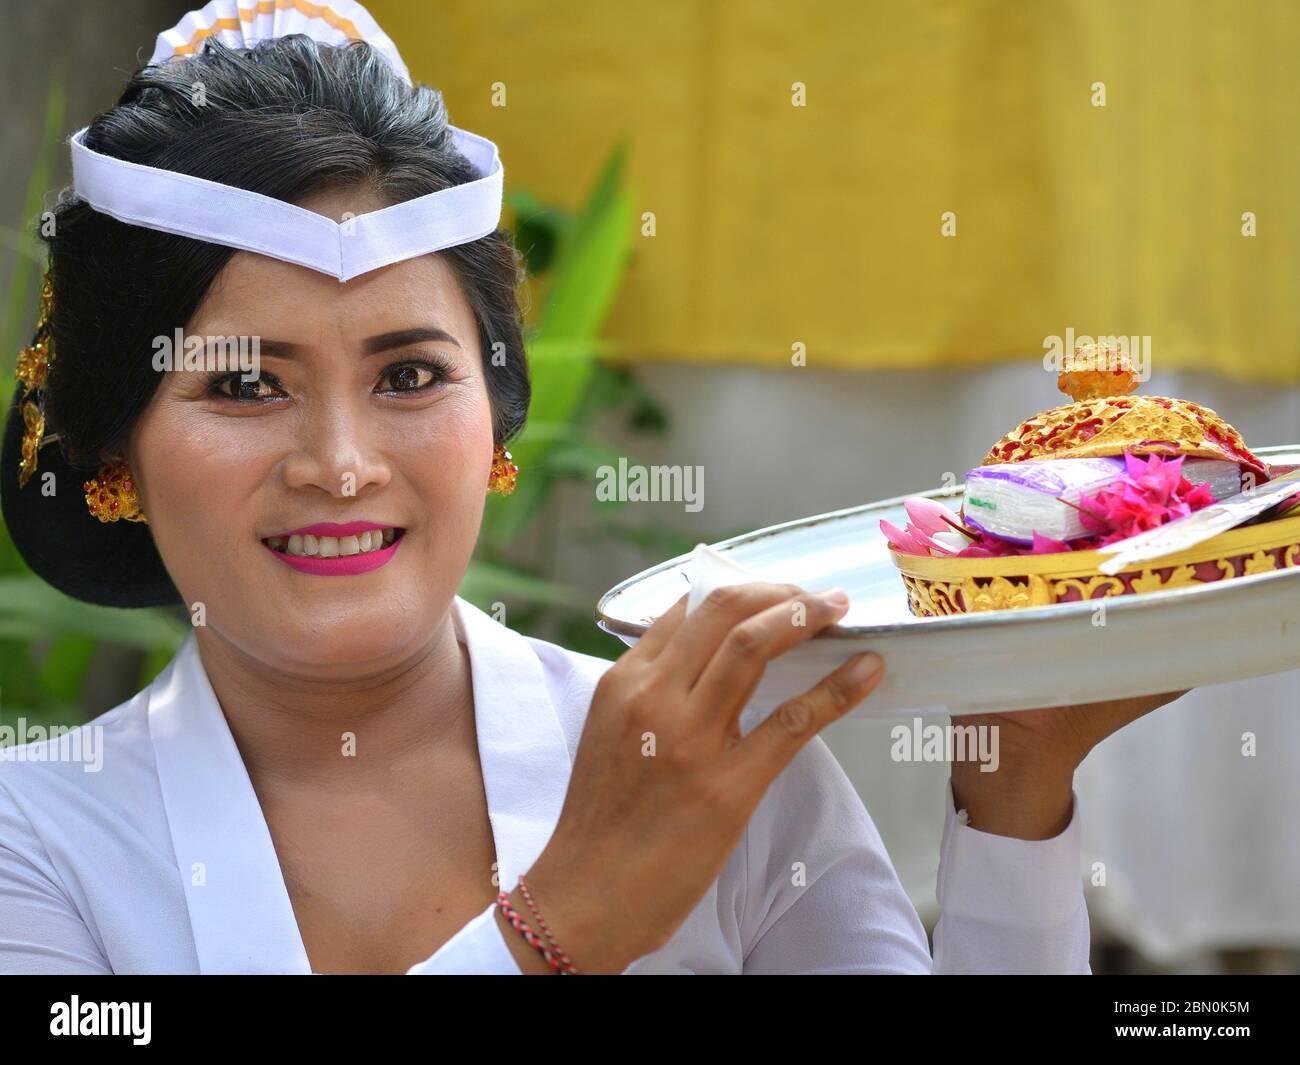 La femme indonésienne balinaise en blanc offre des offrandes lors d'une cérémonie religieuse de temple hindou et sourit pour la caméra. Banque D'Images